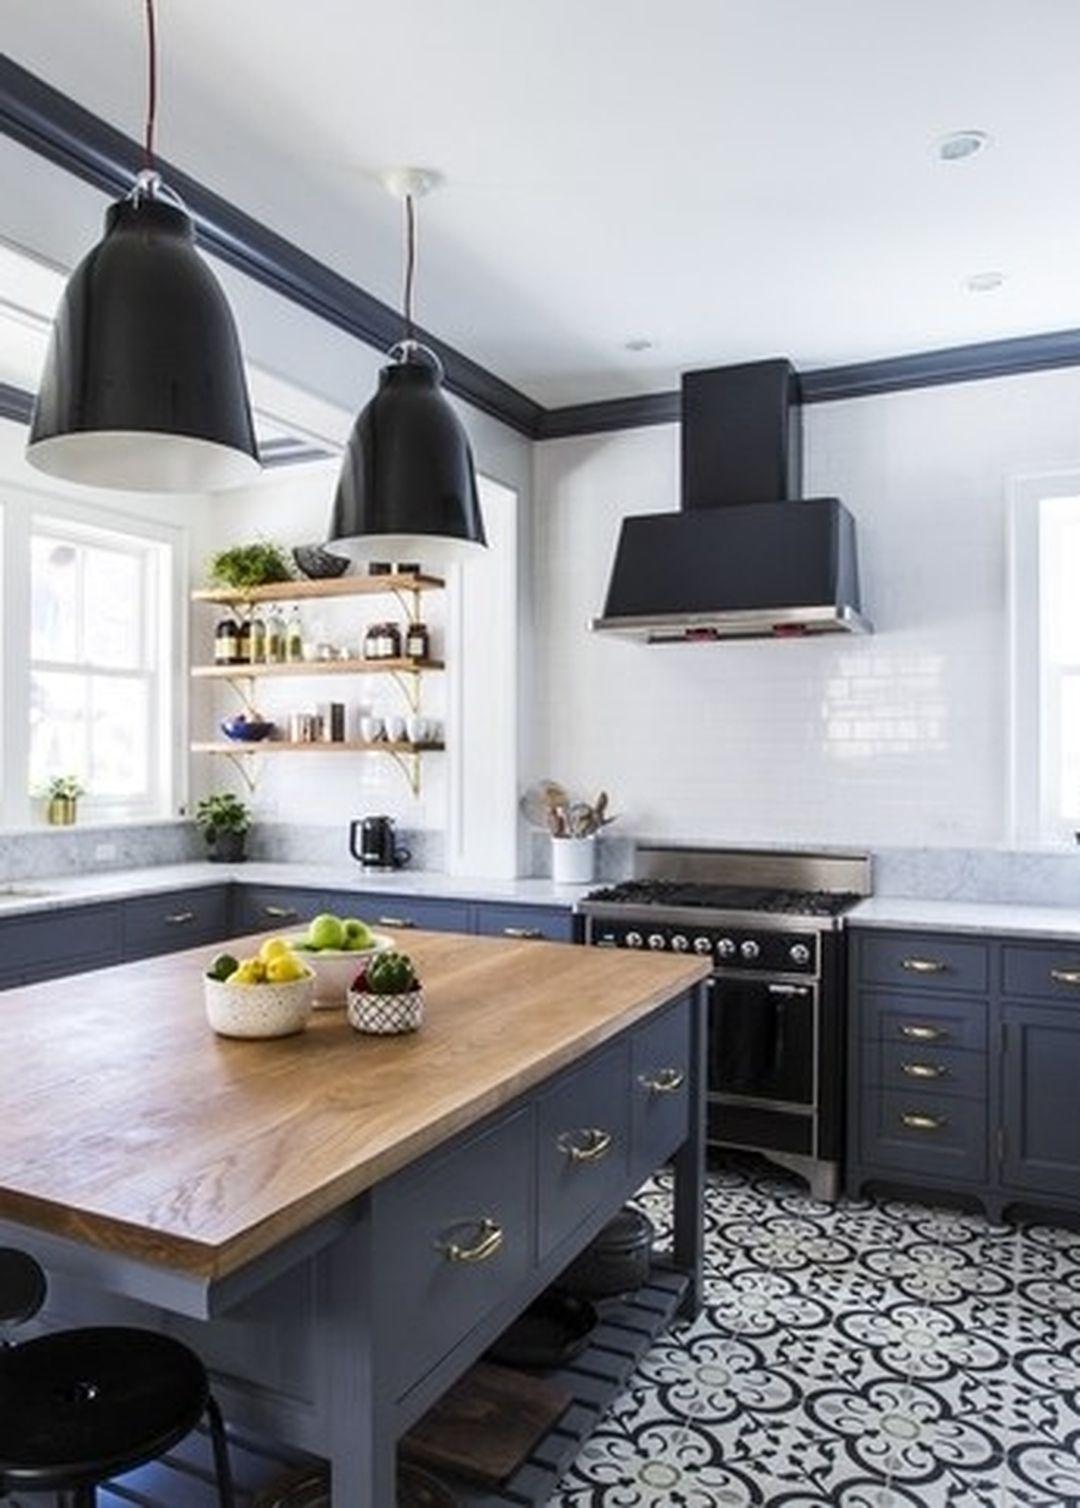 37 Amazing Kitchen Tile Backsplash With Brass Schluter